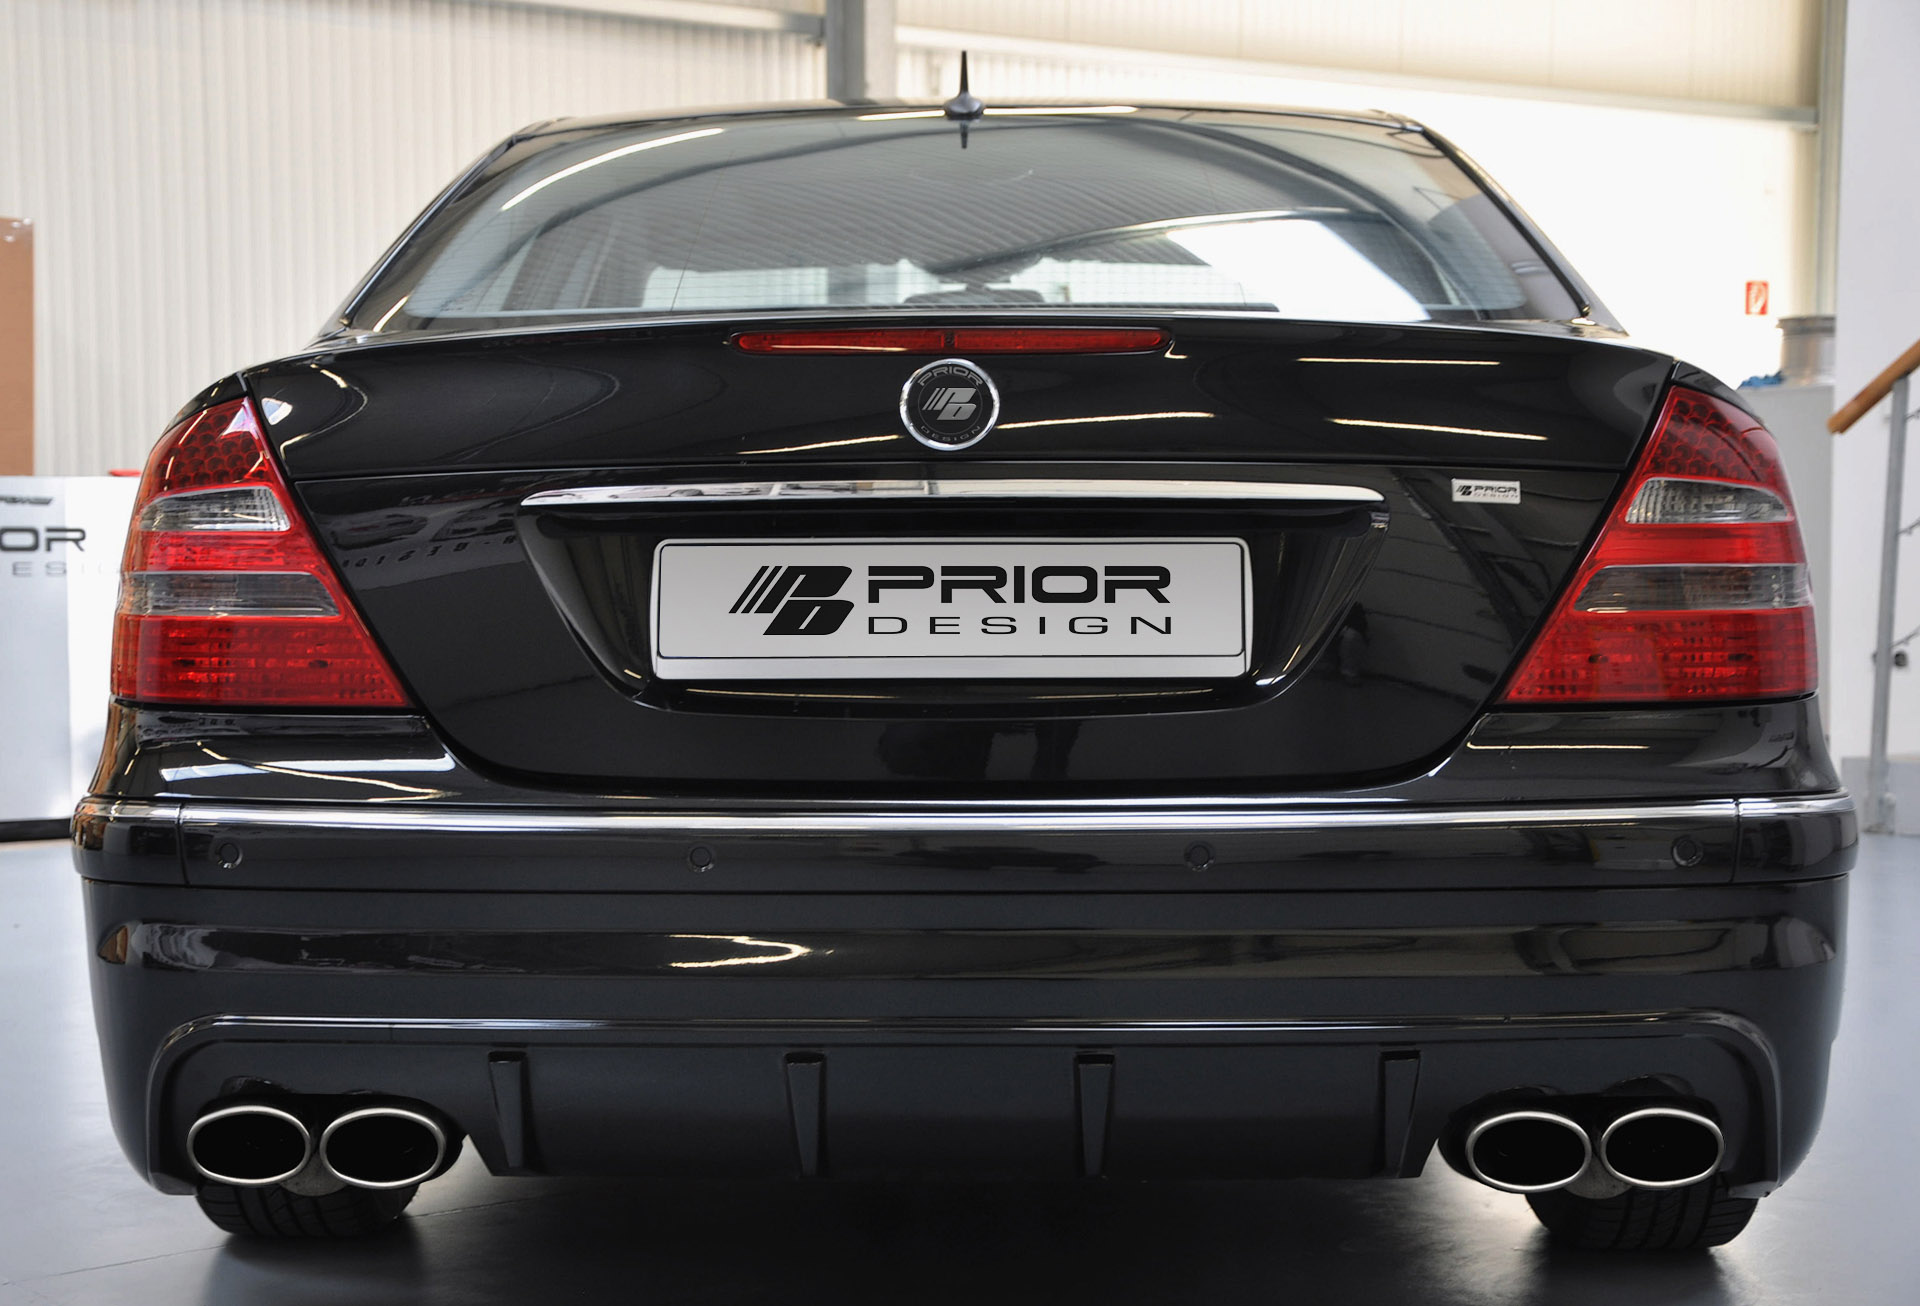 Tuning wald international mercedes benz e class estate w211 -  Prior Design Mercedes Benz E Class W211